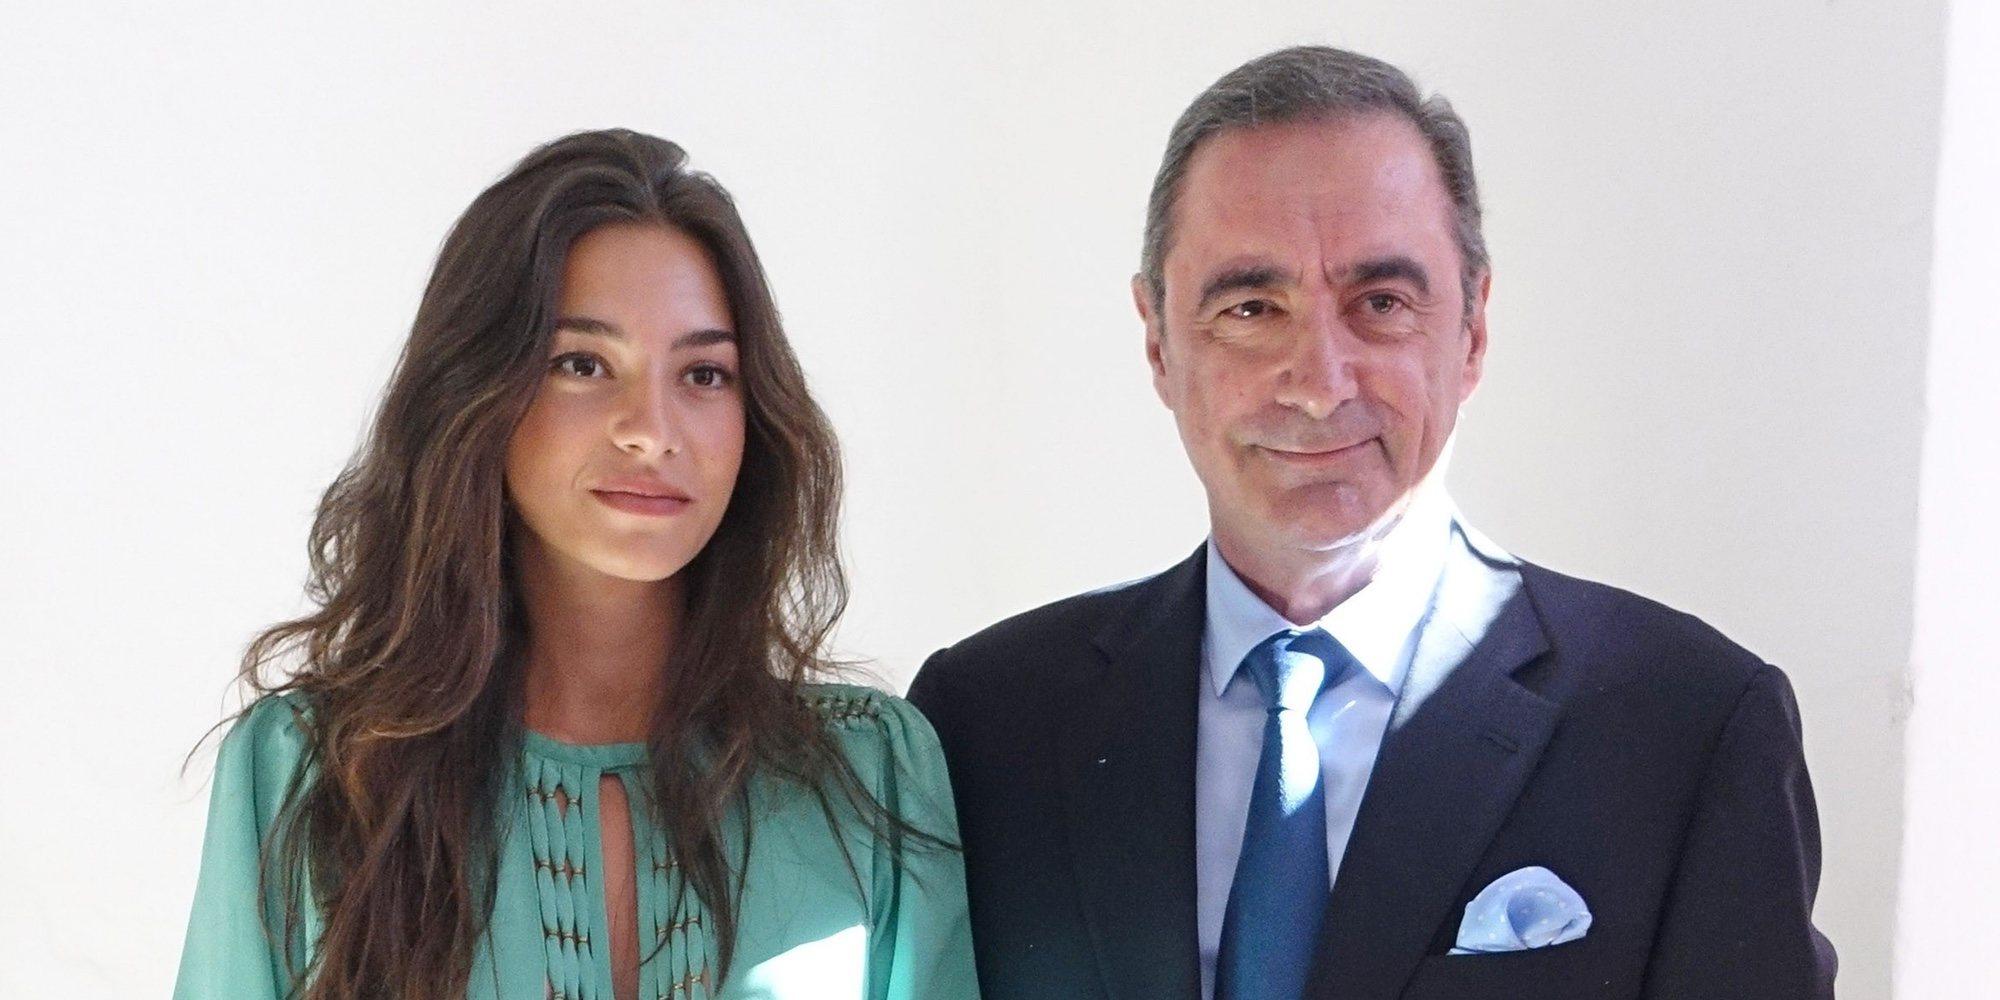 Carlos Herrera 'controla' a su hija Rocío Crusset con un dron